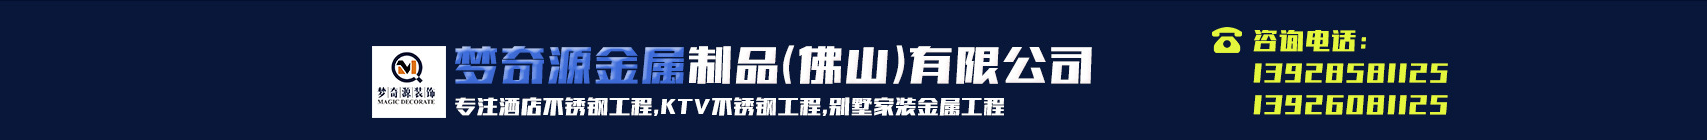 夢奇源金屬製品(佛山)有限公司